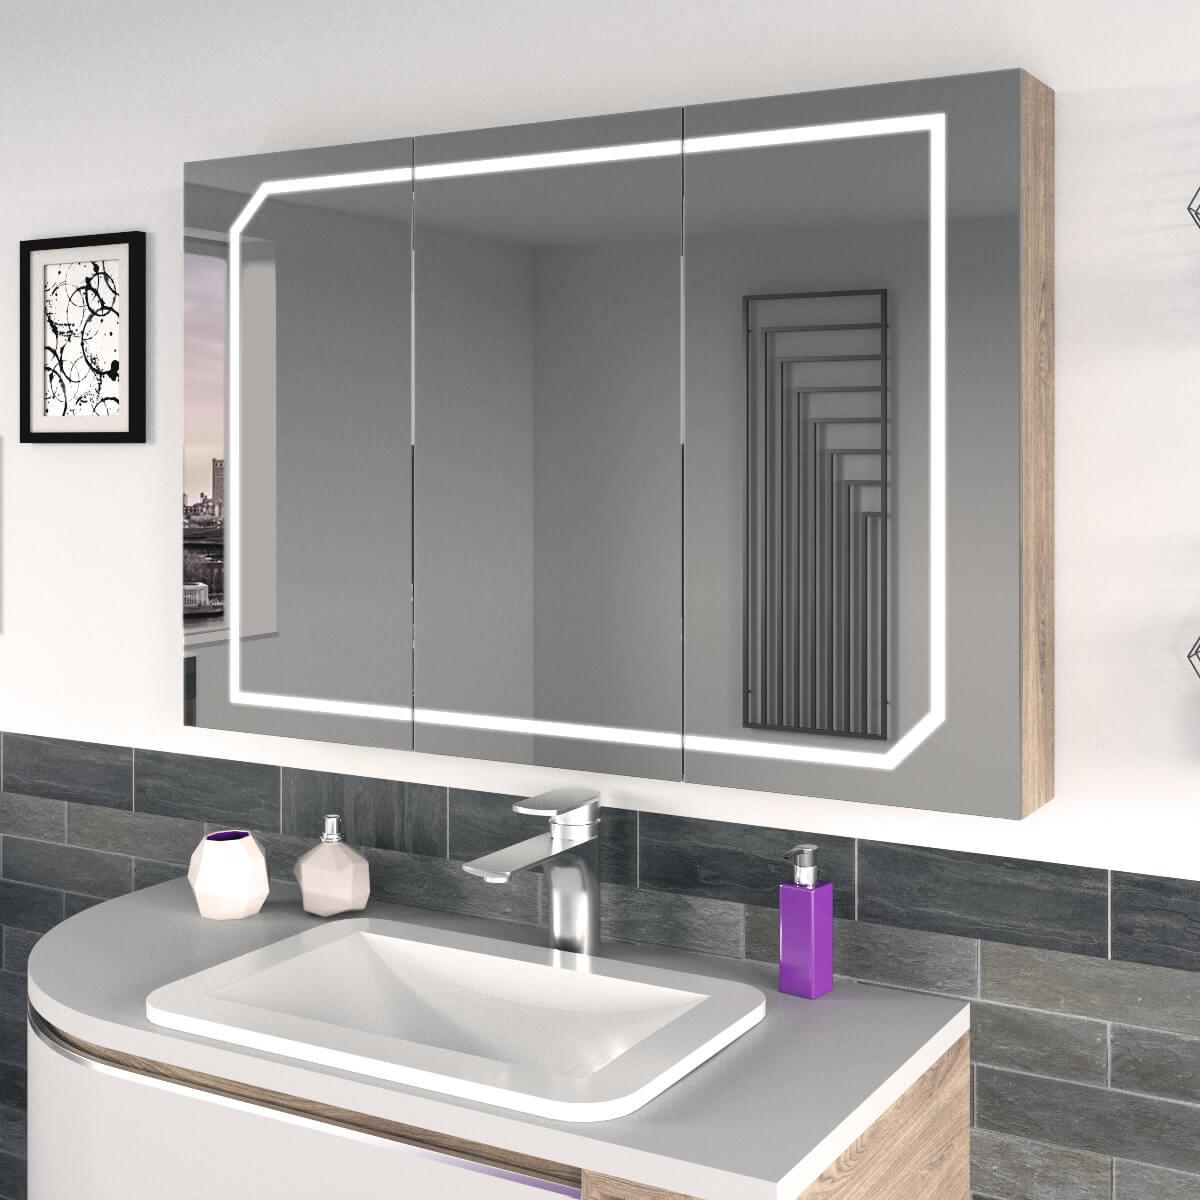 Spiegelschrank fürs Badezimmer nach Maß Stoco